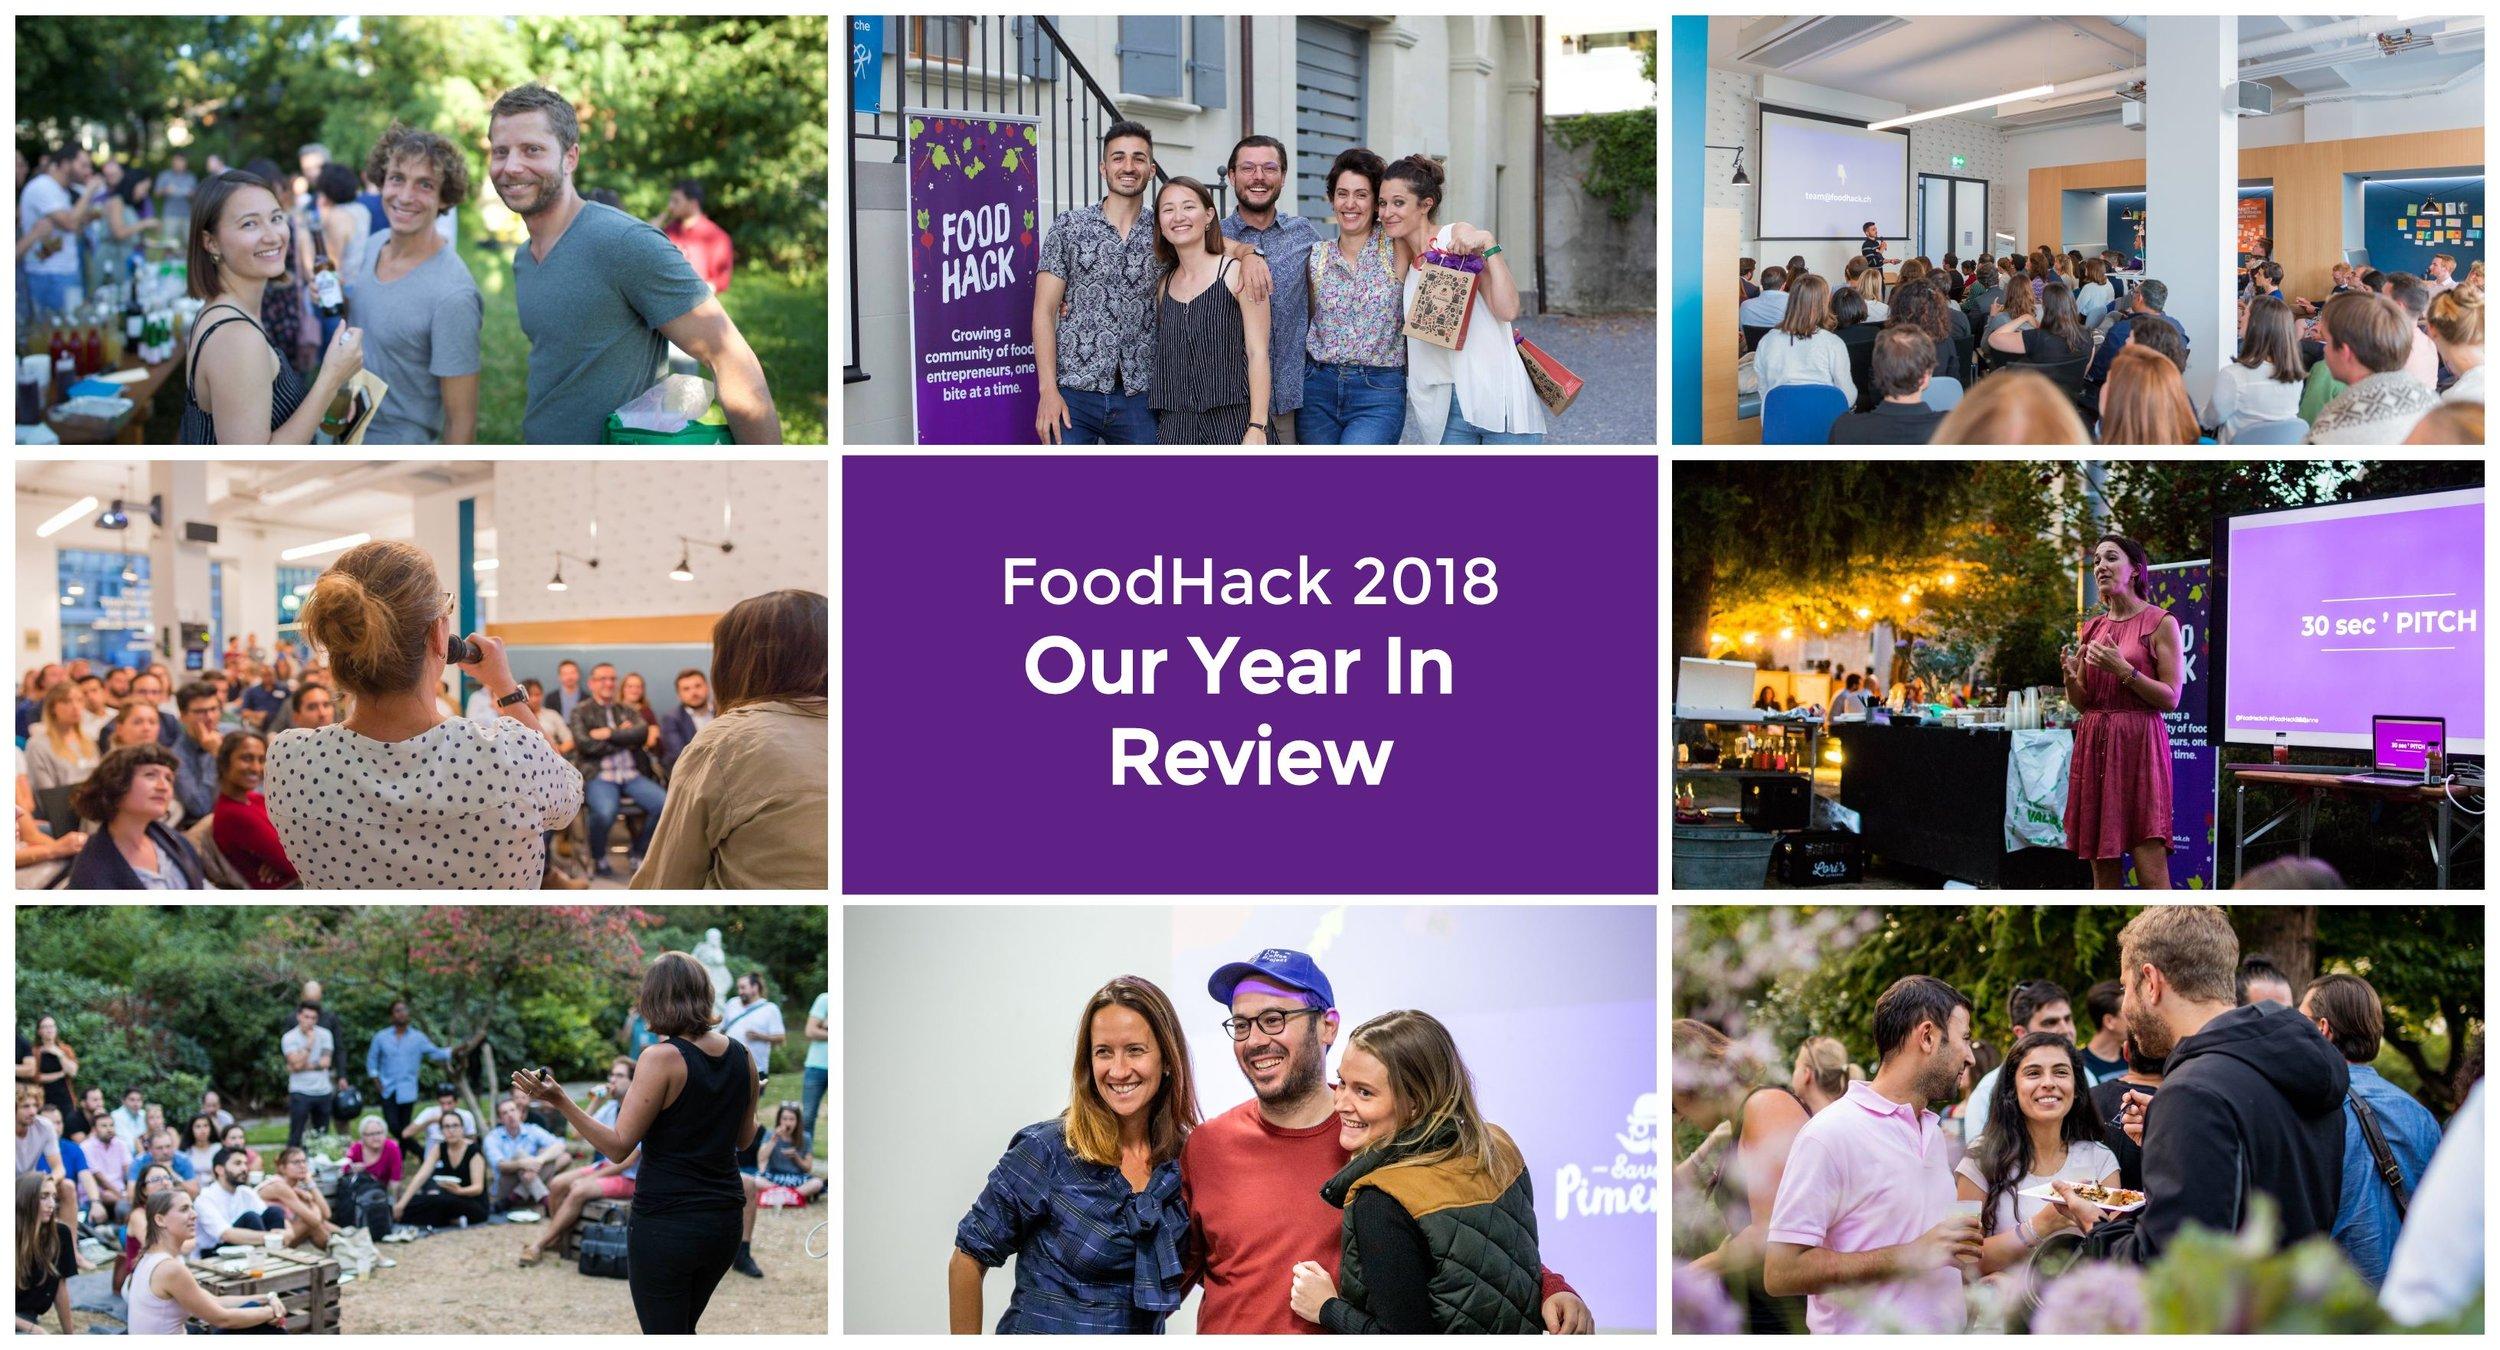 FoodHack-Article-Banner.jpg